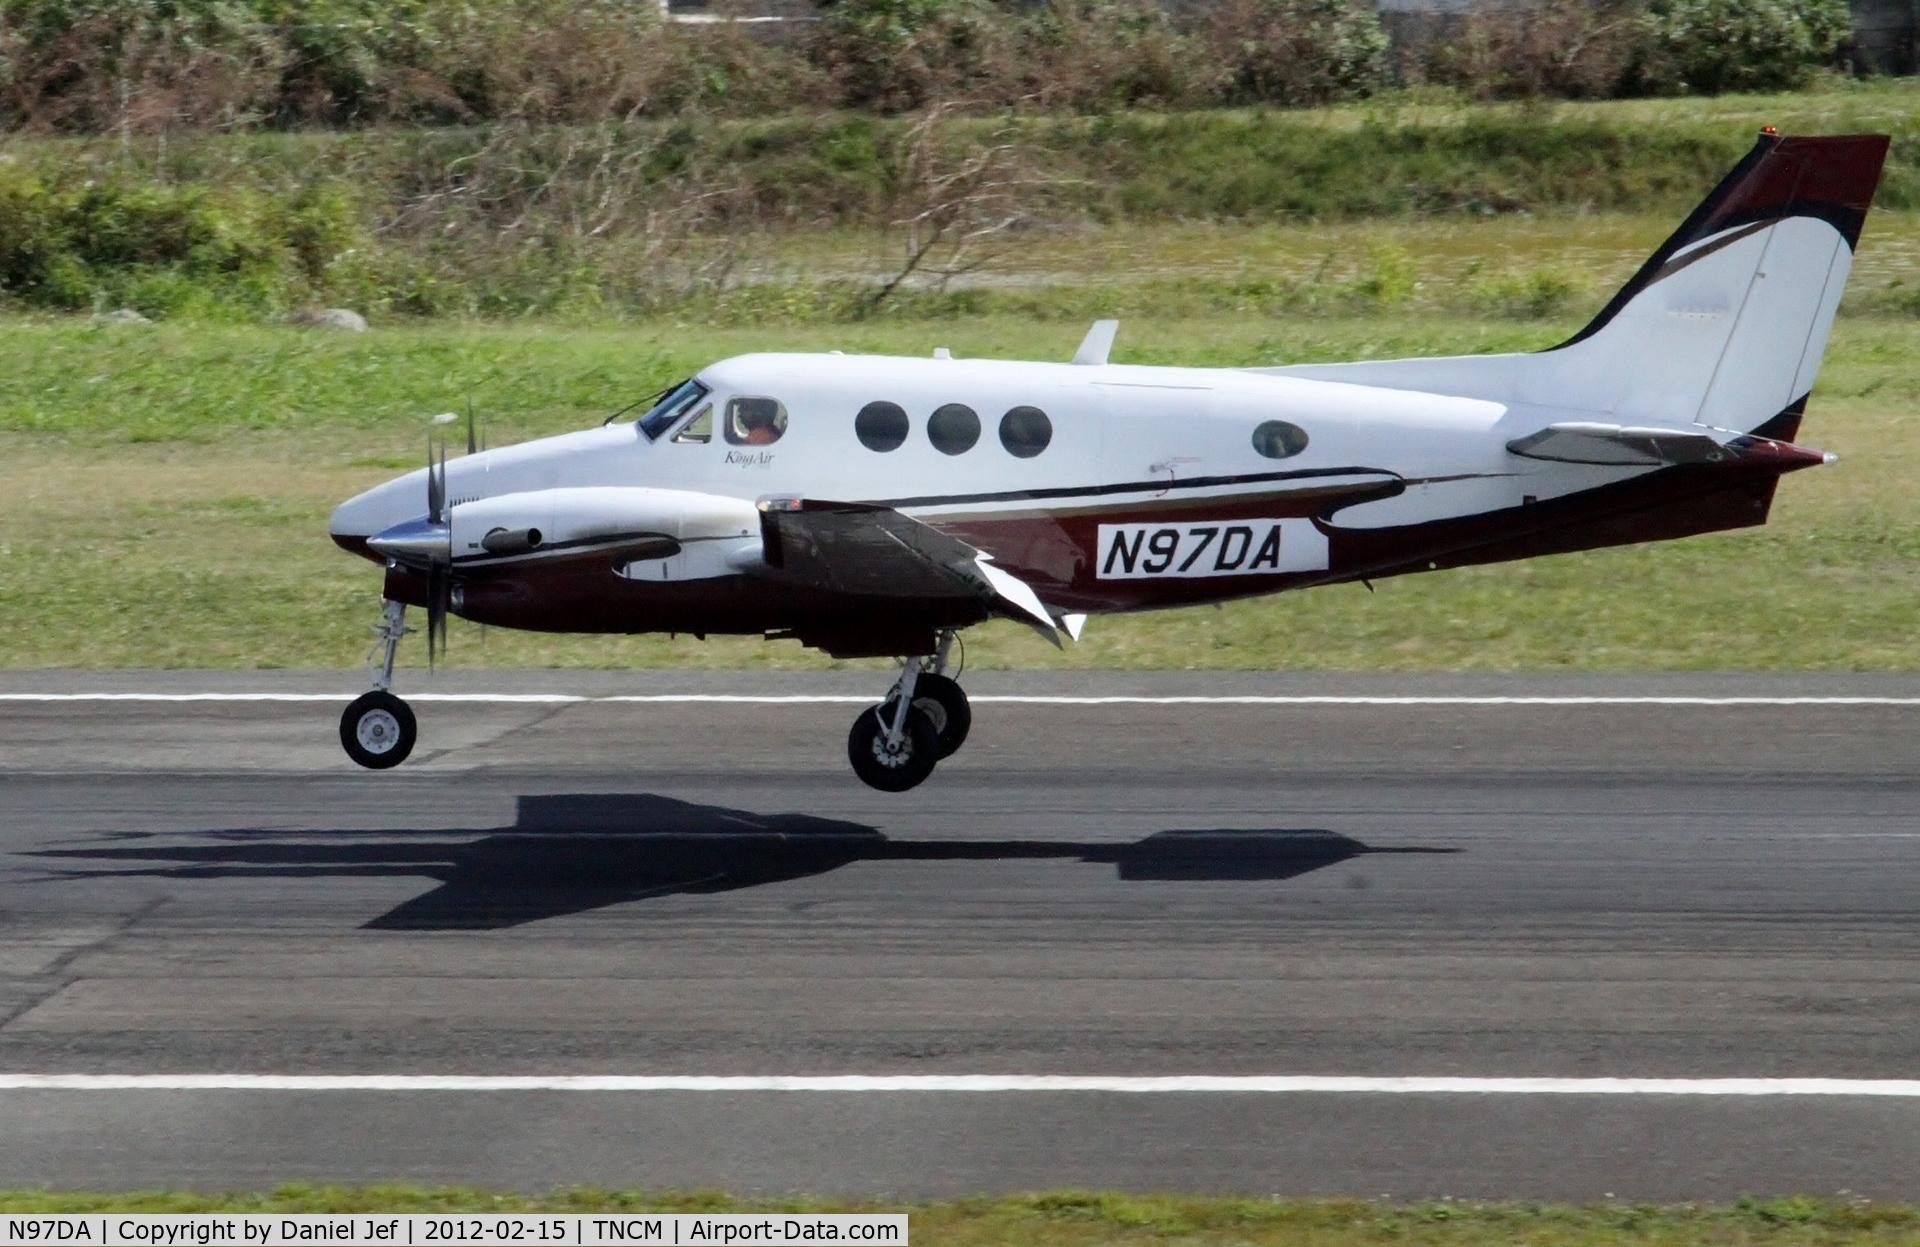 N97DA, Raytheon Aircraft Company C90A C/N LJ1755, N97DA